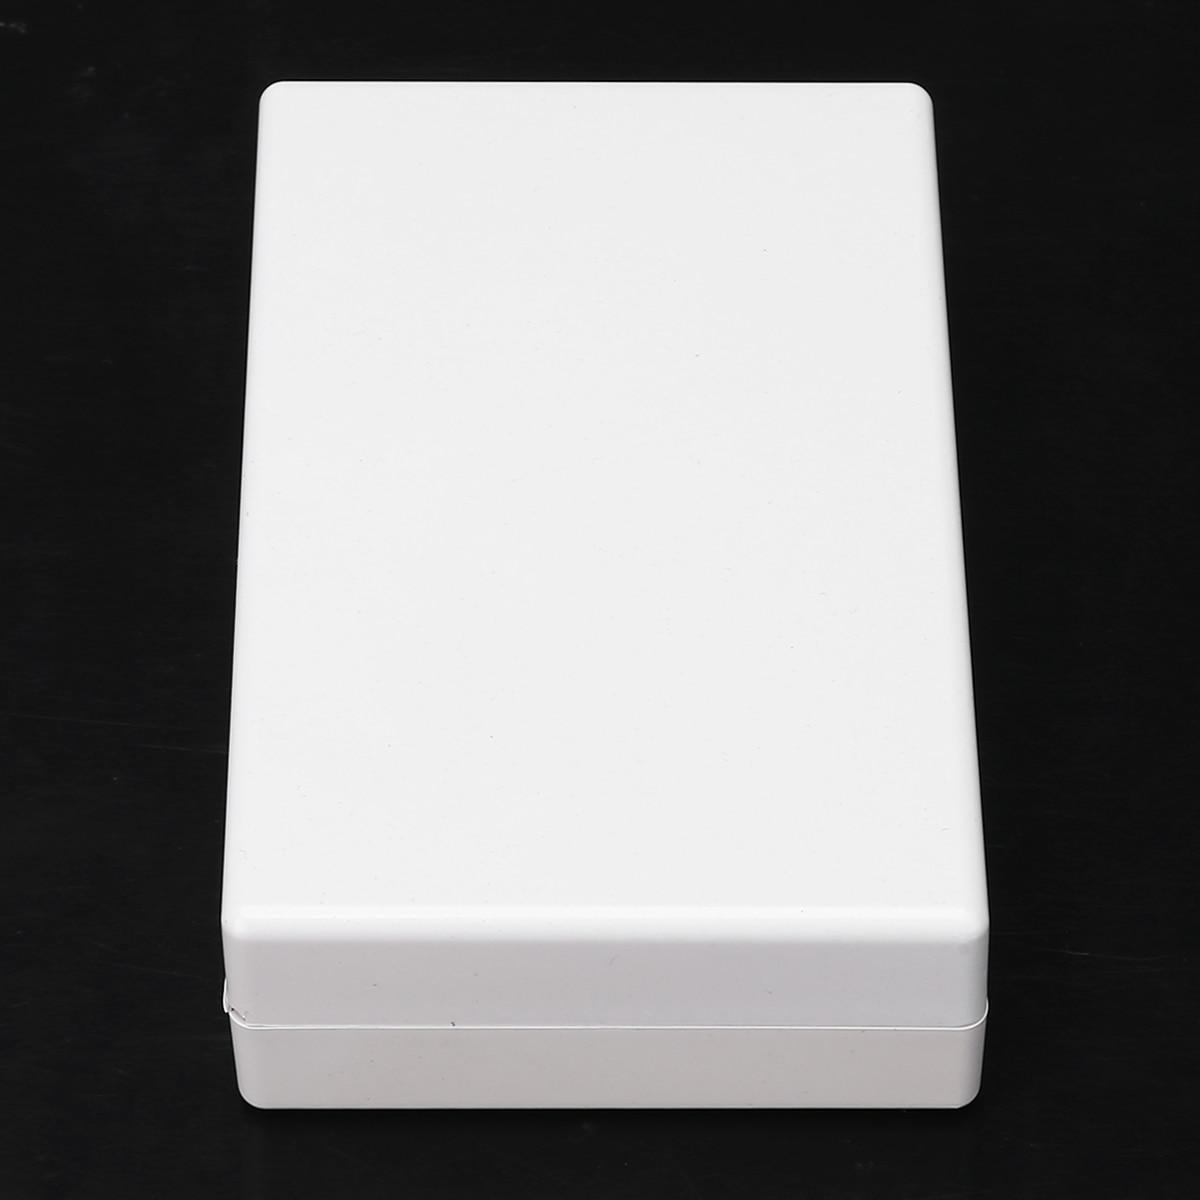 1pc impermeable cajas de plástico cubierta proyecto caja electrónica 125*80*32mm con Anti-corrosión